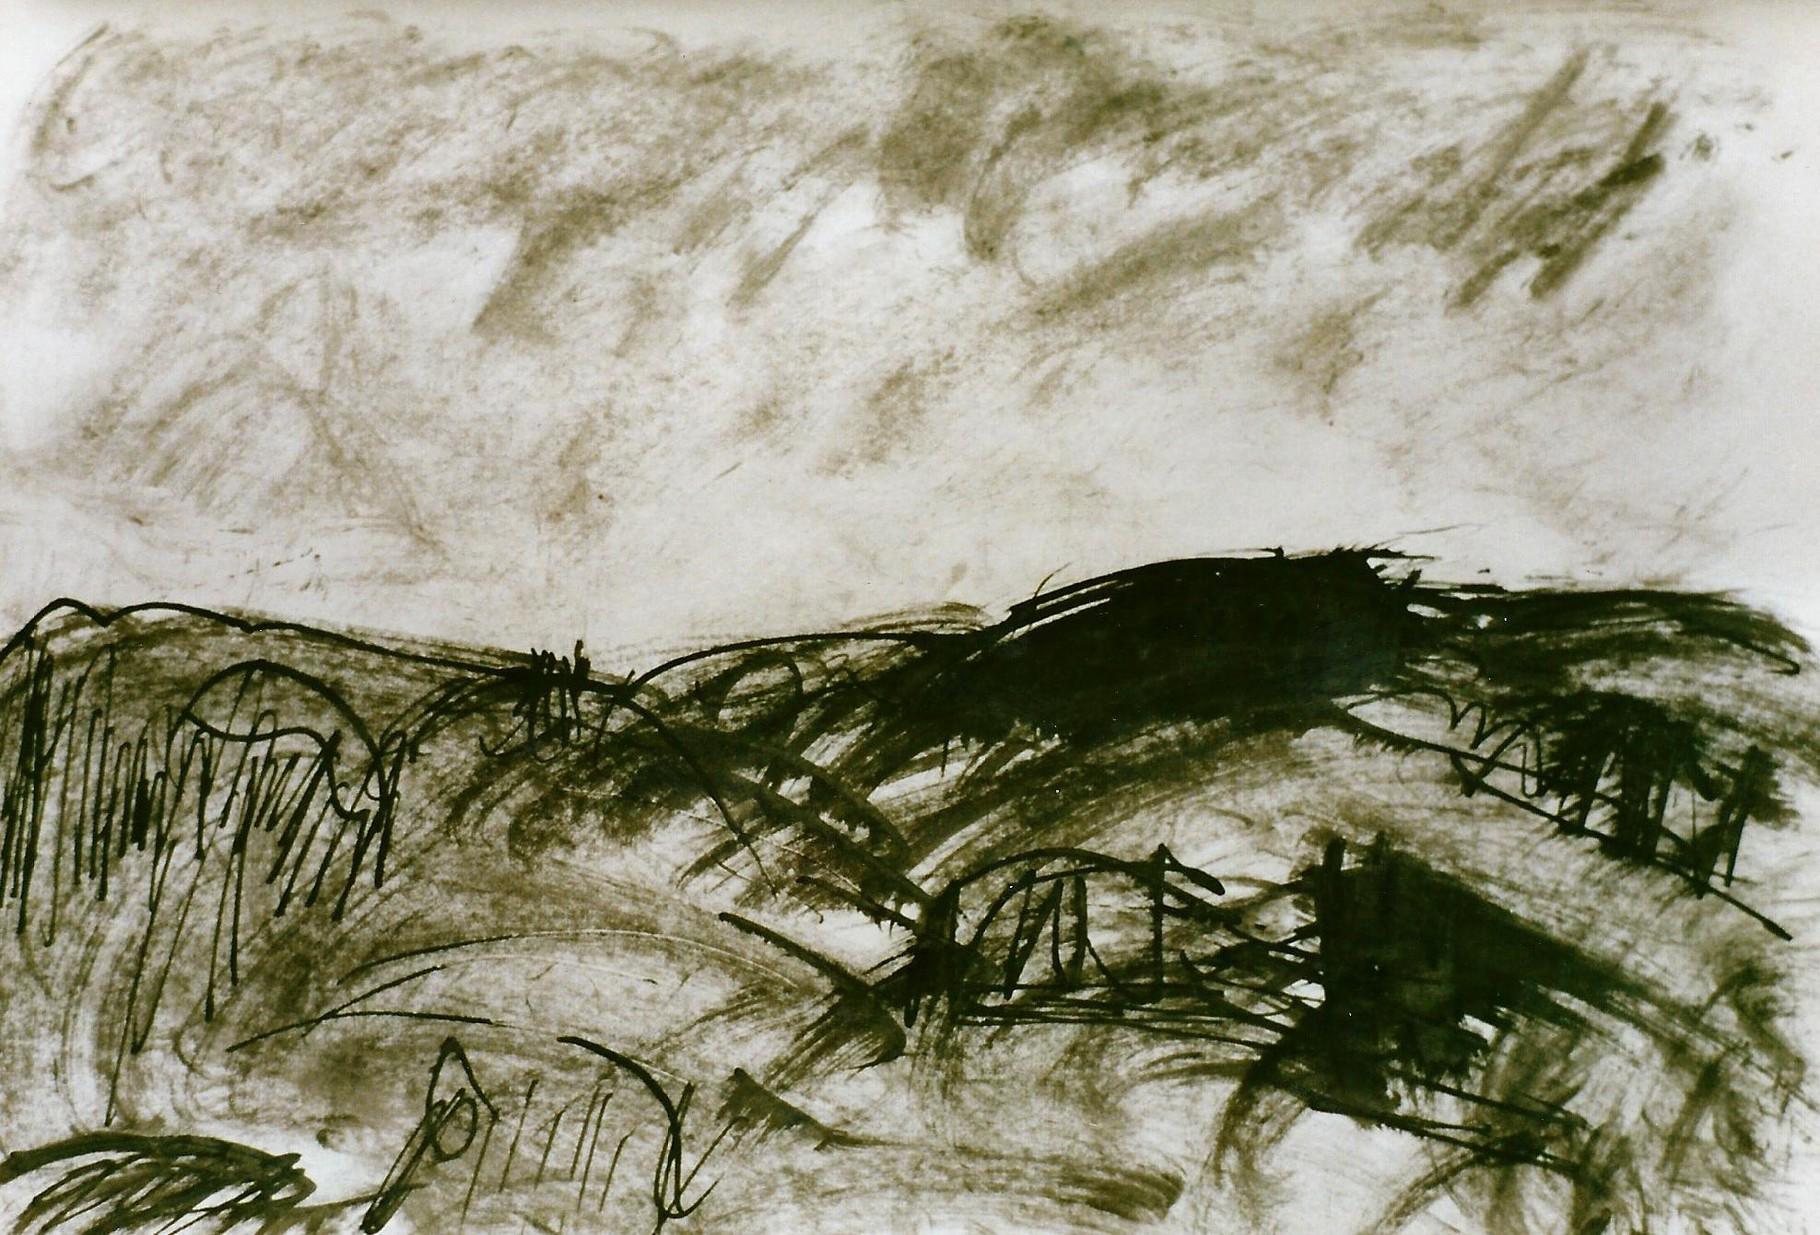 Pedro Meier Multimedia Artist – Zyklus von Federkiel-Zeichnungen (No. I) – Chinesische Sepia Tinte auf Papier – 30x21 cm – 1996 – Foto © Pedro Meier/ProLitteris